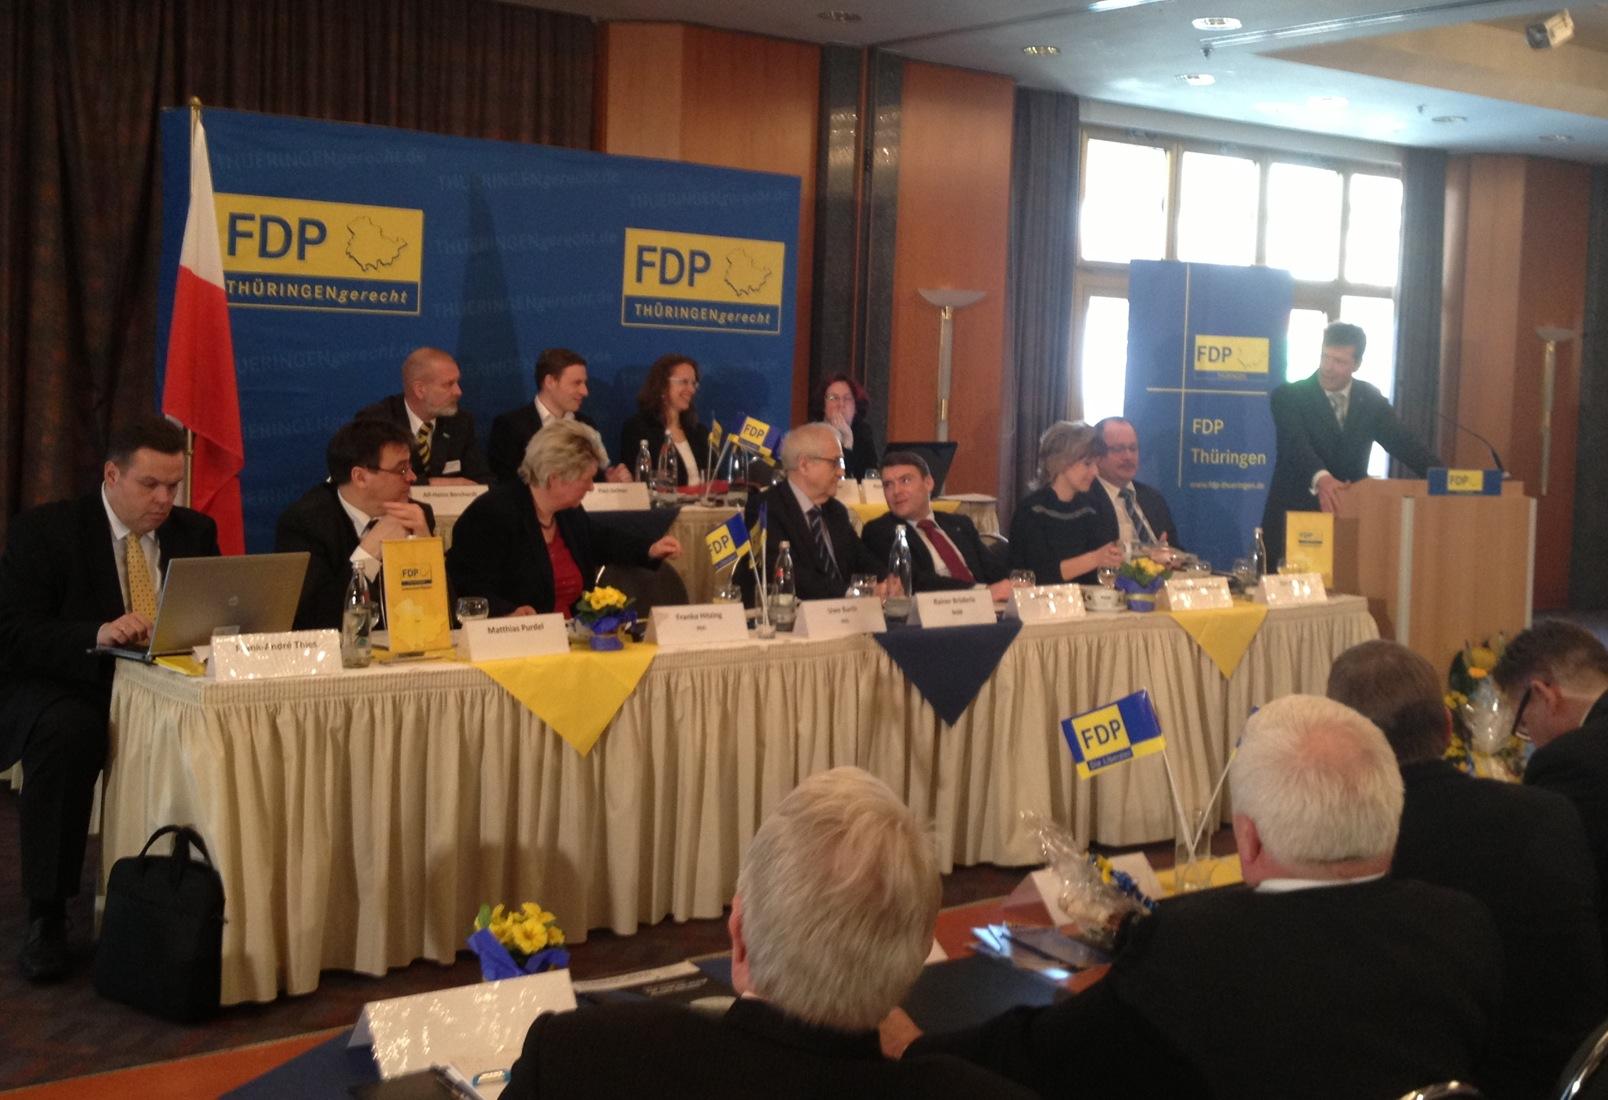 FDP Landesparteitag in Weimar